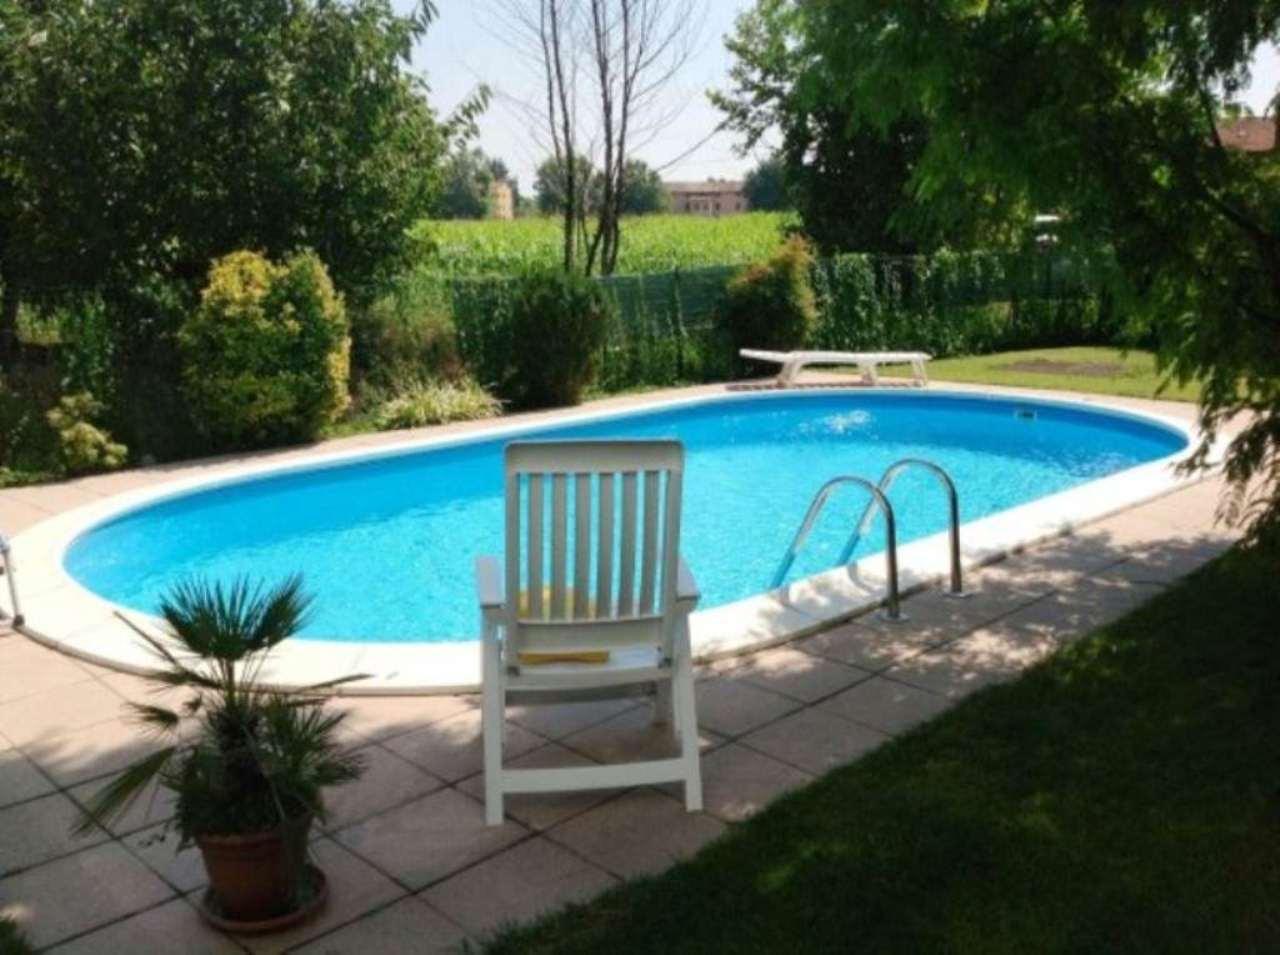 Villa in vendita a Caravaggio, 5 locali, prezzo € 215.000 | Cambio Casa.it